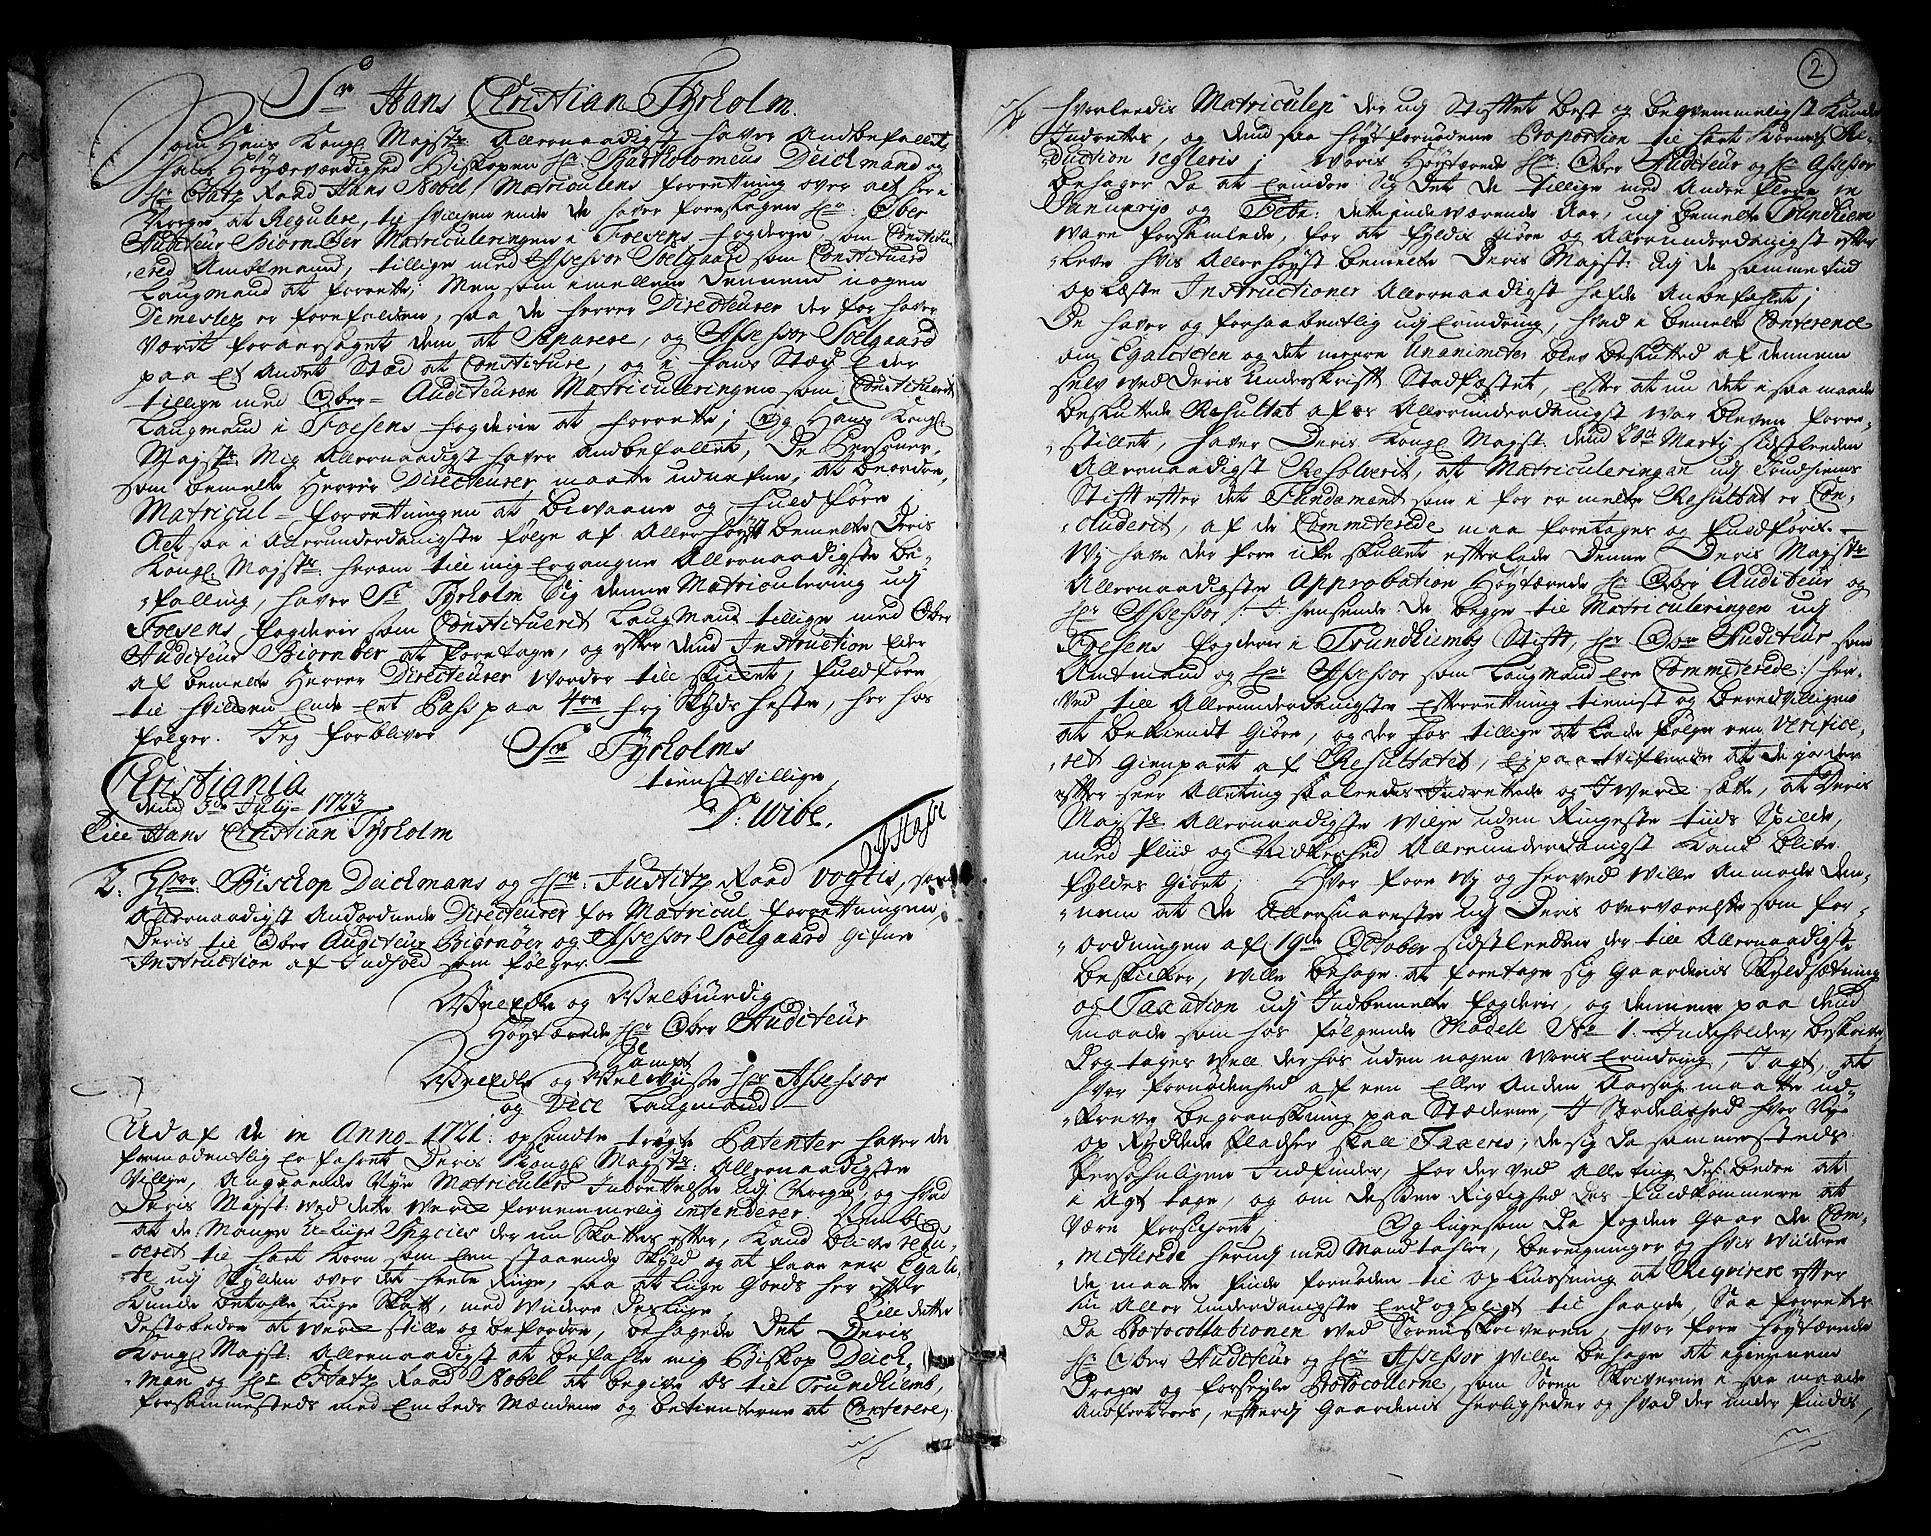 RA, Rentekammeret inntil 1814, Realistisk ordnet avdeling, N/Nb/Nbf/L0162: Fosen eksaminasjonsprotokoll, 1723, s. 1b-2a